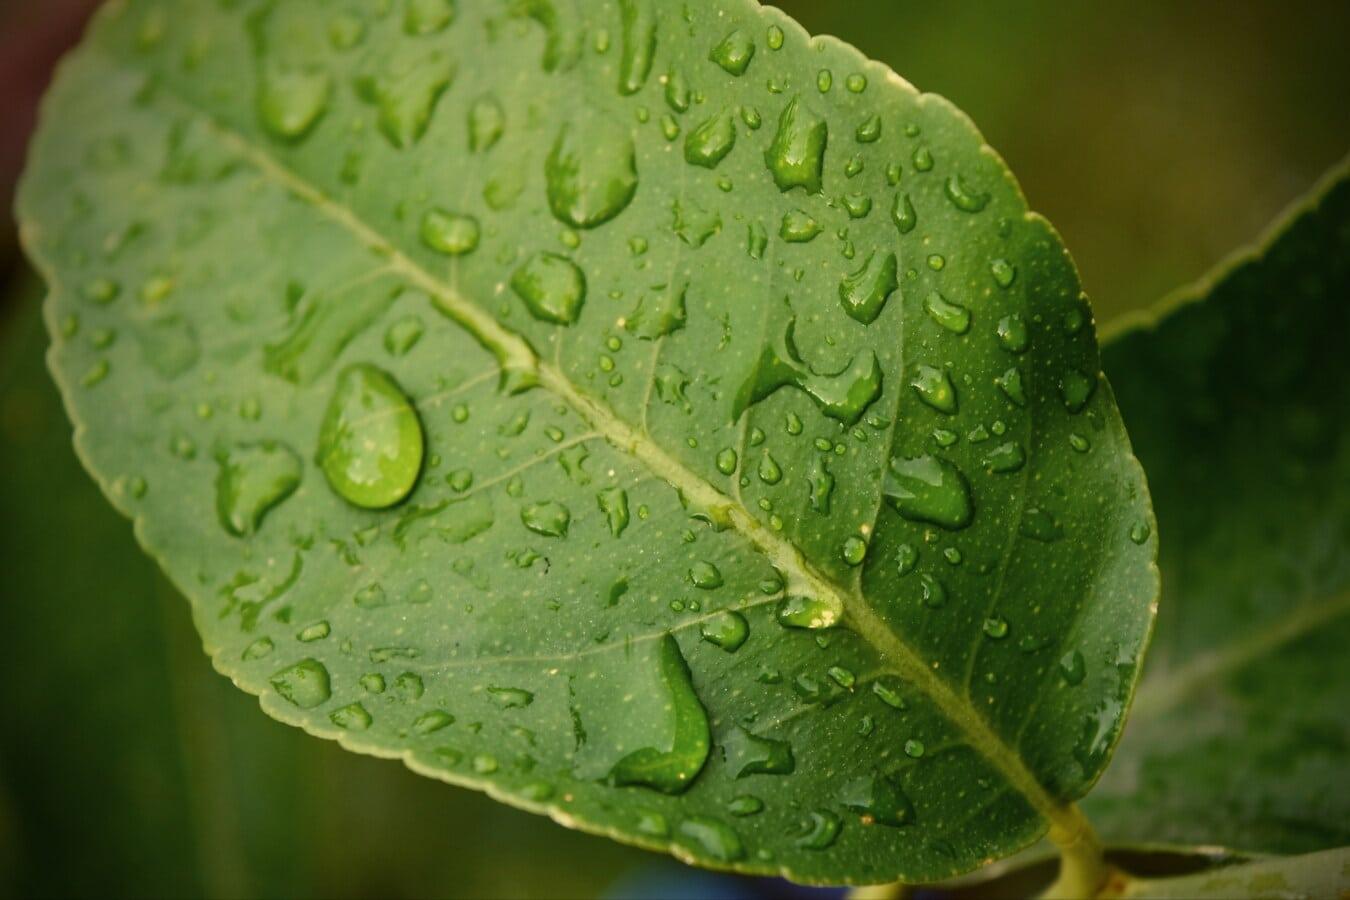 grünes Blatt, aus nächster Nähe, Tau, Zitrus, Struktur, Zitrone, Geäst, Kondensation, nass, Feuchtigkeit